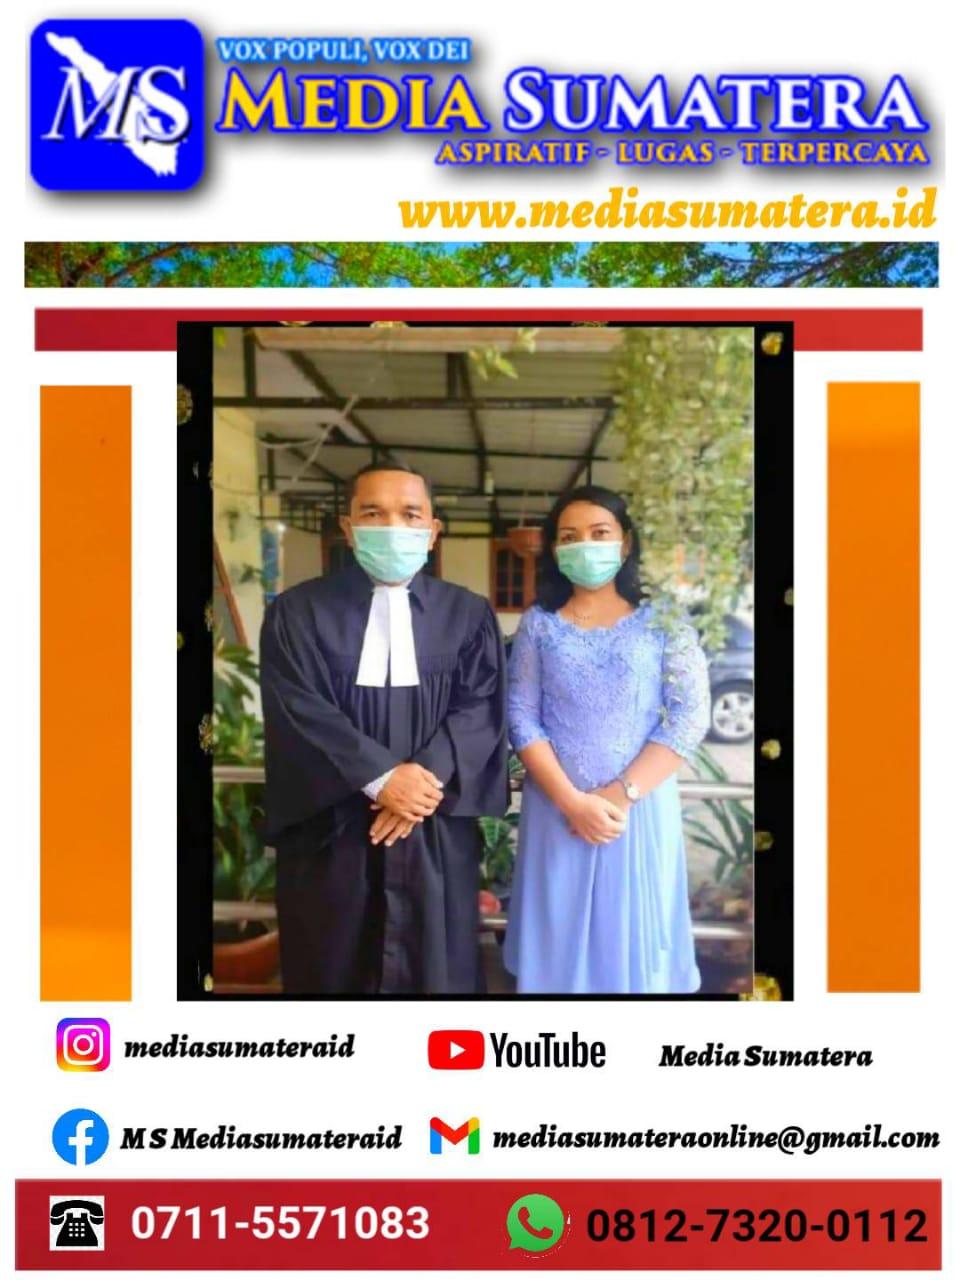 Pdt. Martin P Hutabarat, S. Th., MM., Pendeta Resort GKPI Jemaat Khusus Immanuel Jalan Asahan Melakukan Kegiatan Pelatihan Pembinaan Pelayan dan Majelis Jemaat